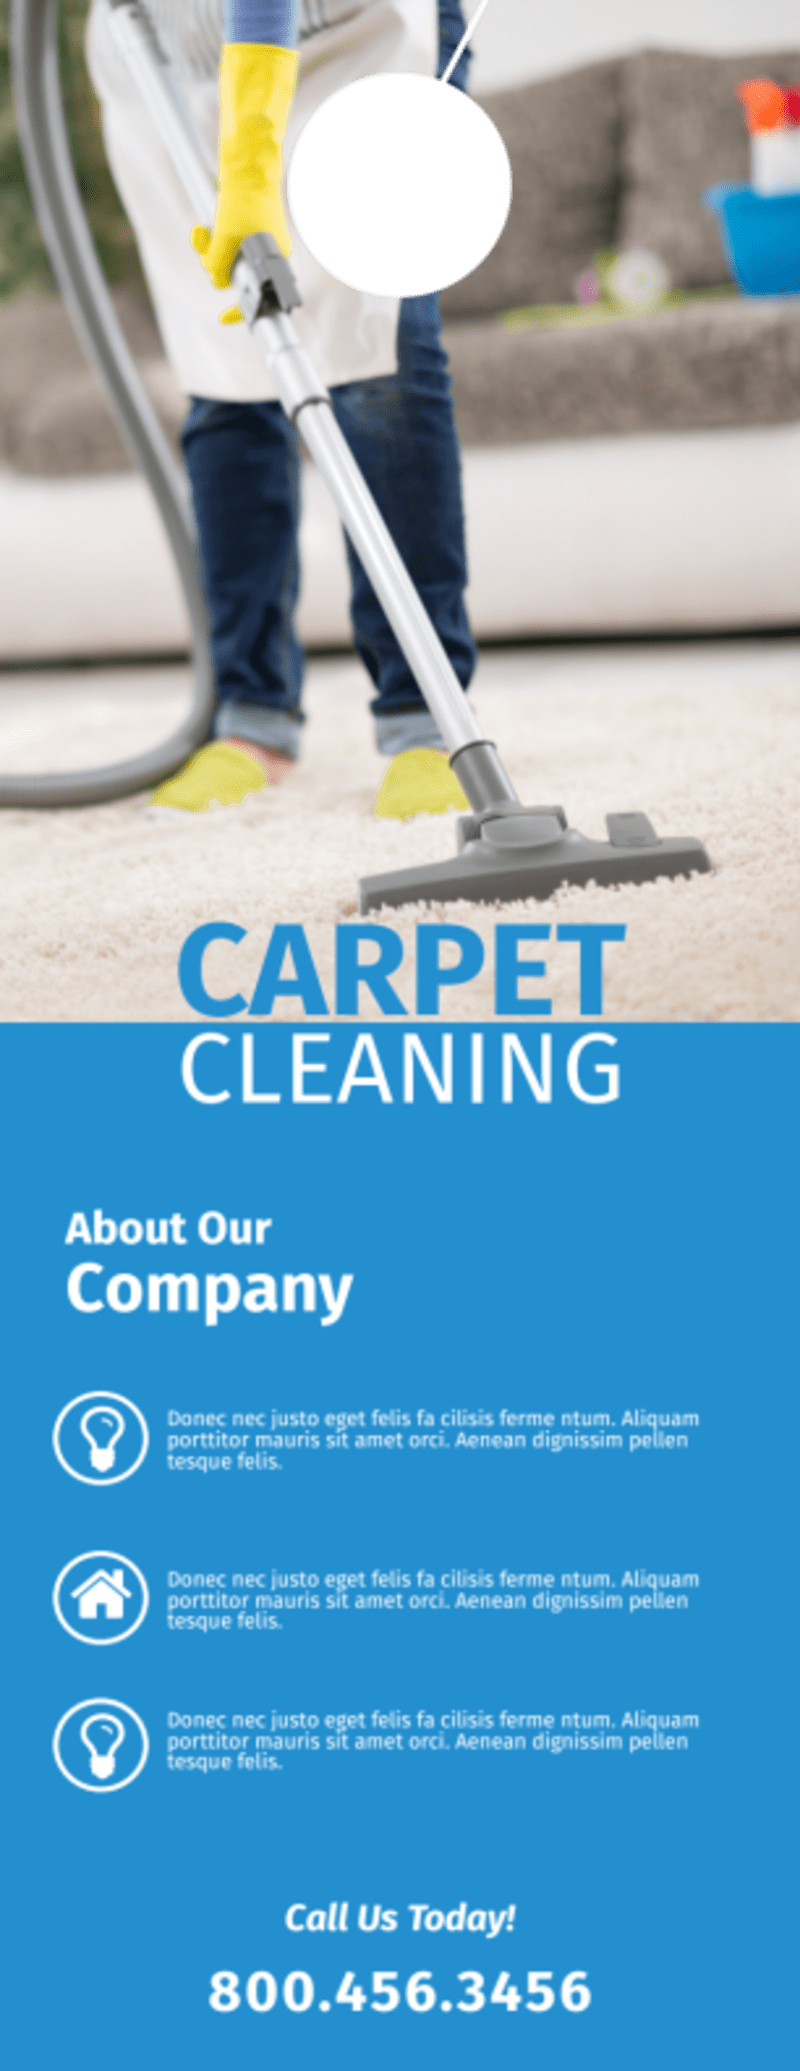 Carpet Cleaning Professionals Door Hanger Template Preview 3